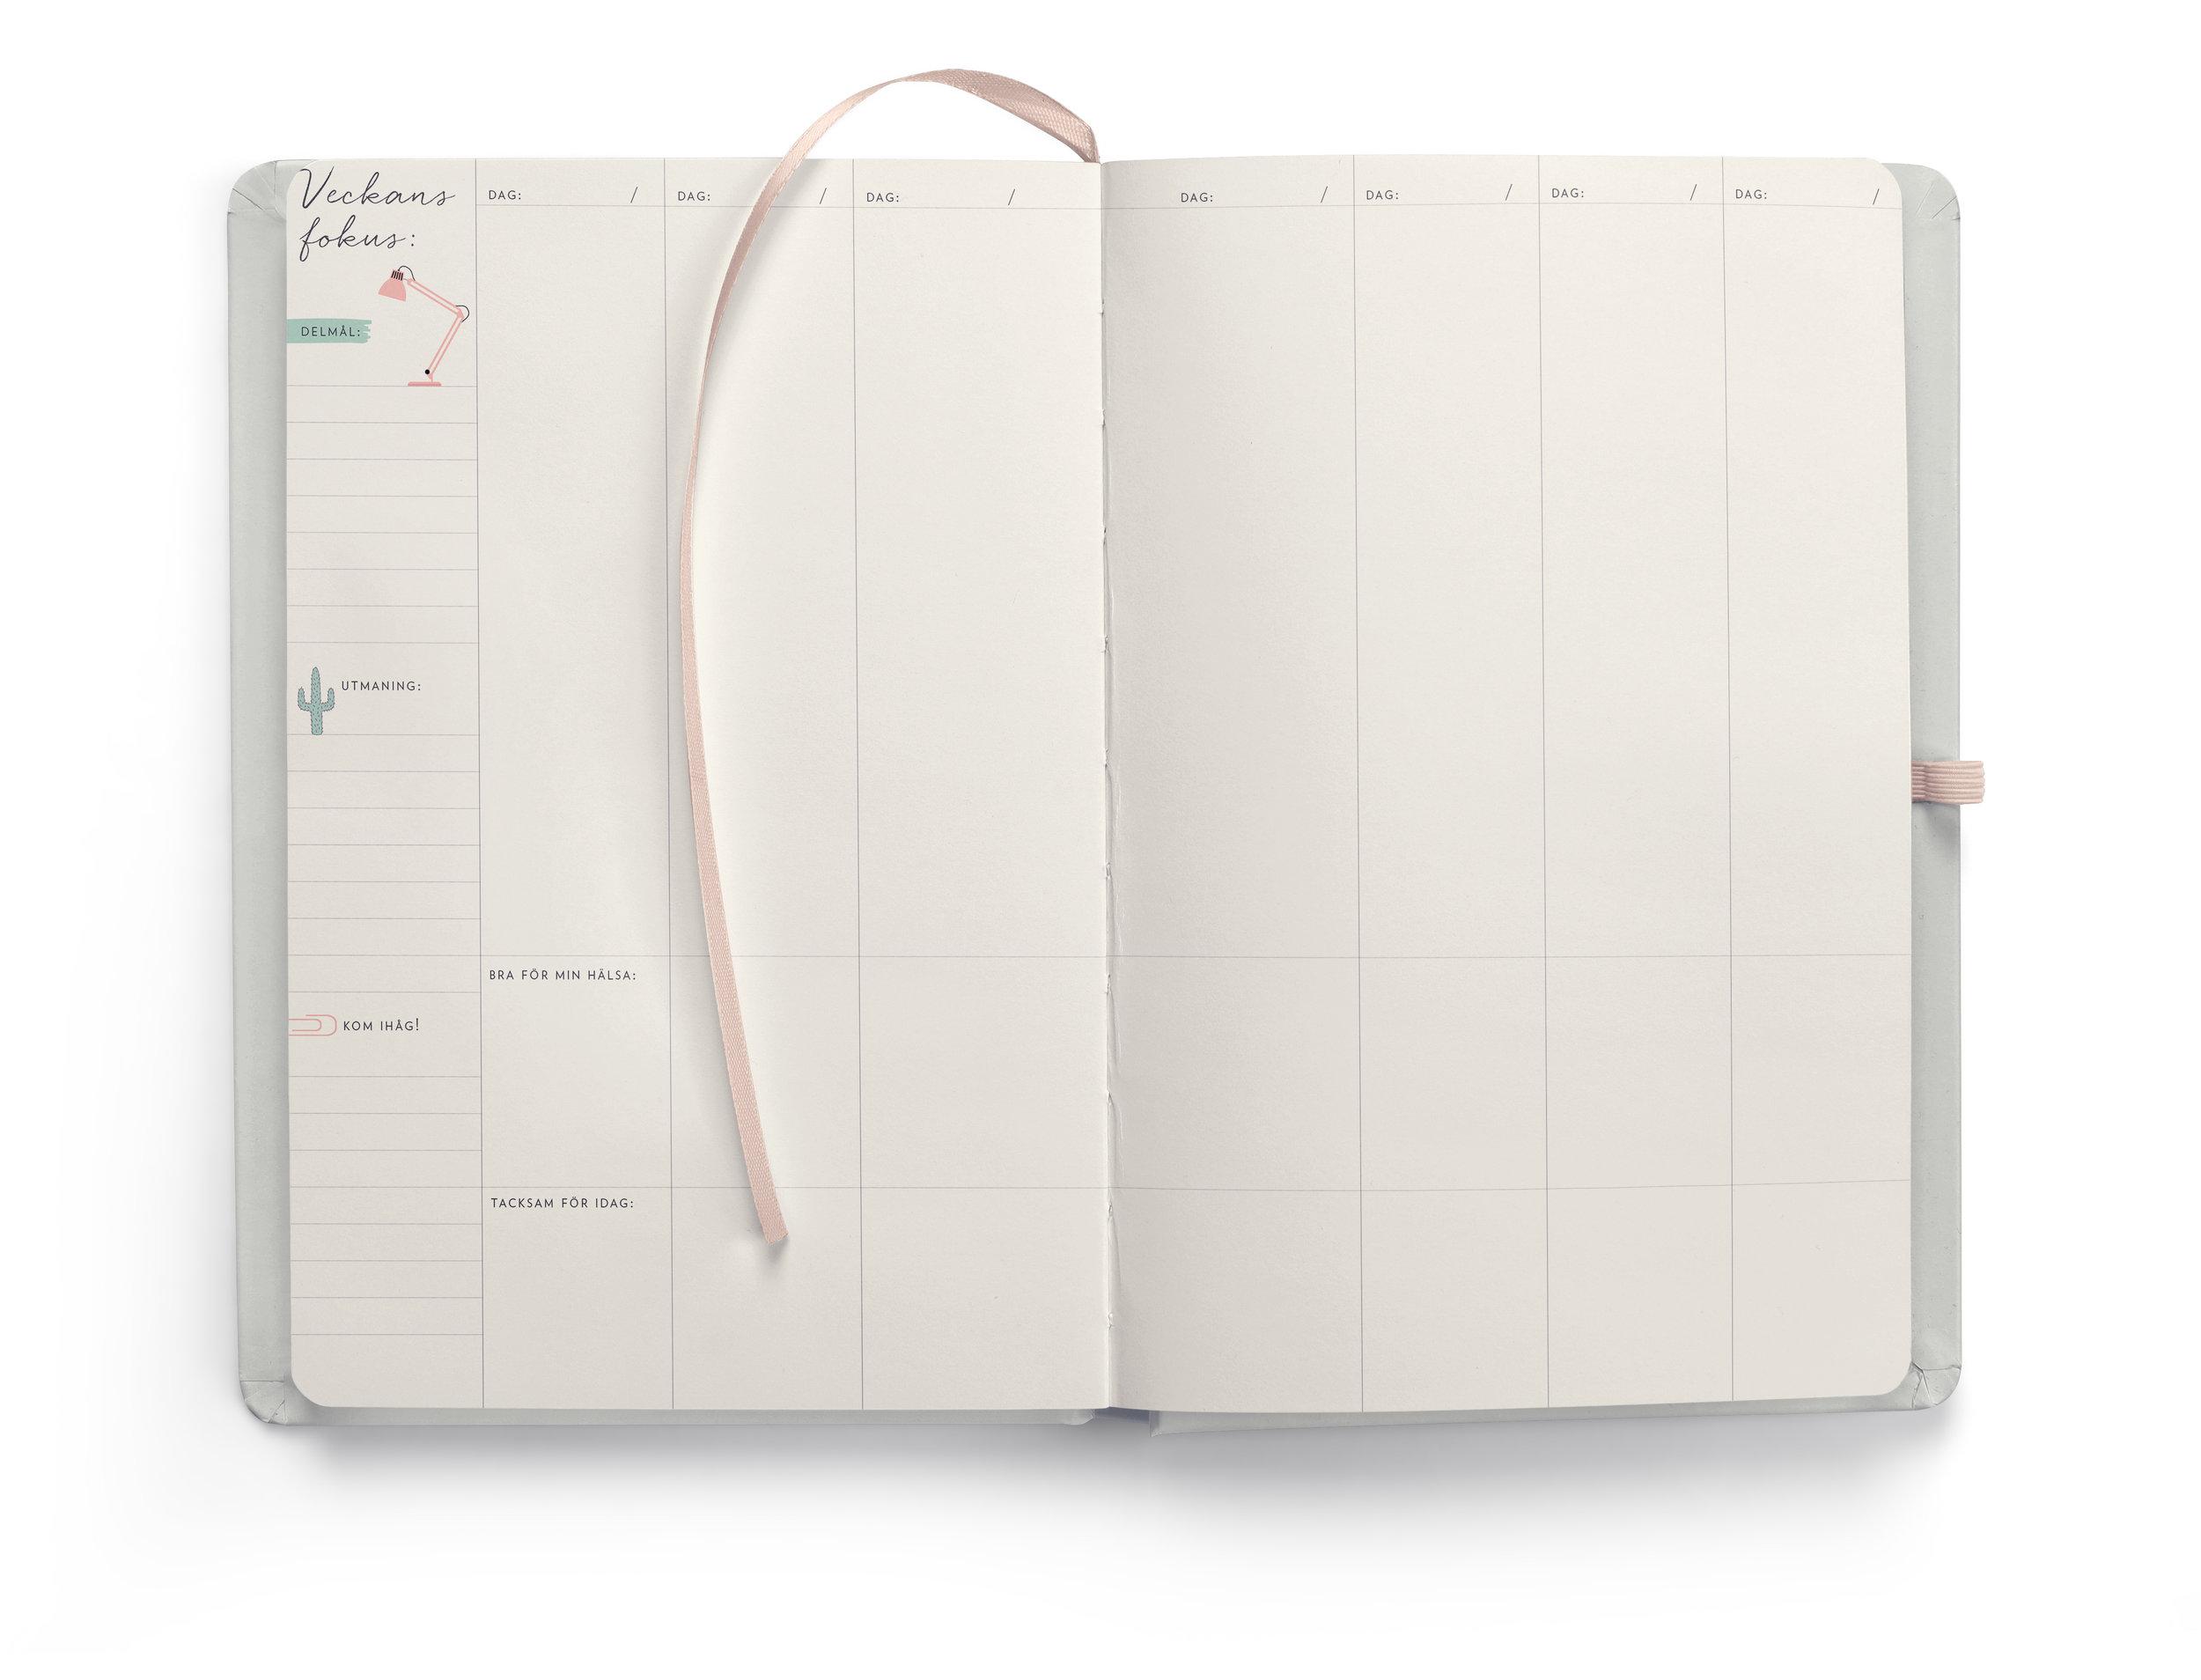 Varje vecka har sitt eget uppslag. Här listar du det du vill fokusera på under veckan; delmål och prioriteringar som behövs för att uppnå månadens övergripande mål. På varje veckouppslag har du möjlighet att skriva ner en eller flera utmaningar du vill ge dig själv under veckan. Något som kräver att du anstränger dig, men som du vet skulle ge dig mycket tillbaka.  Till varje dag hör även en ruta där du kan fylla i vad du har gjort för din hälsa och vad du varit tacksam för under dagen. Genom att uppmärksamma de små sakerna, som du faktiskt får in i din vardag varje vecka, så ger du dig själv en  boost  i rätt riktning.